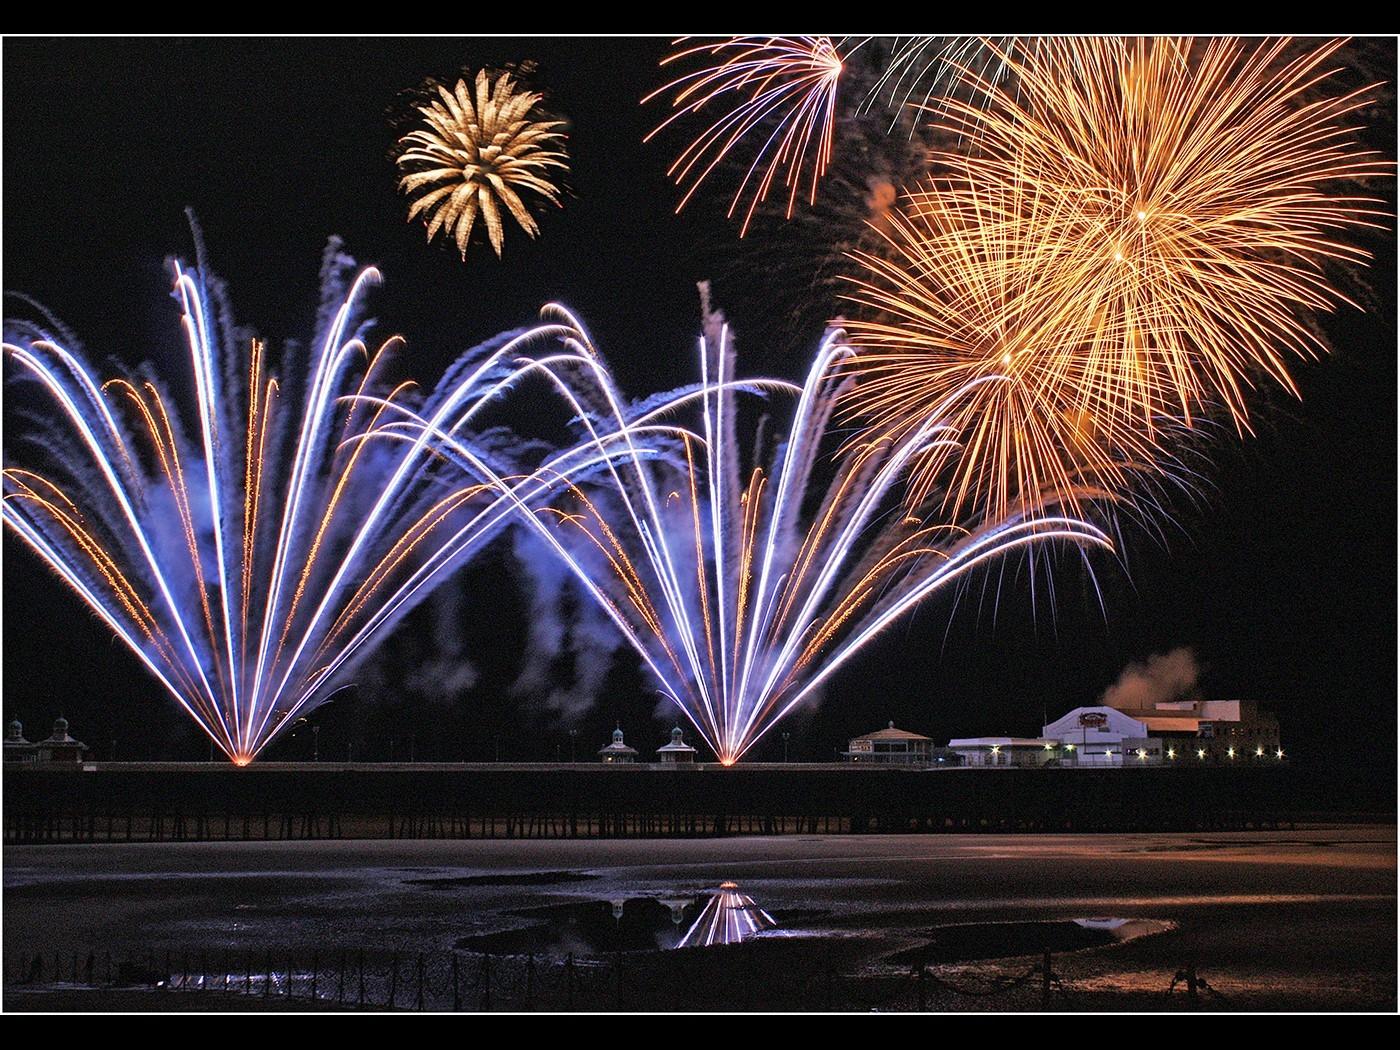 Blackpool Fireworks Display